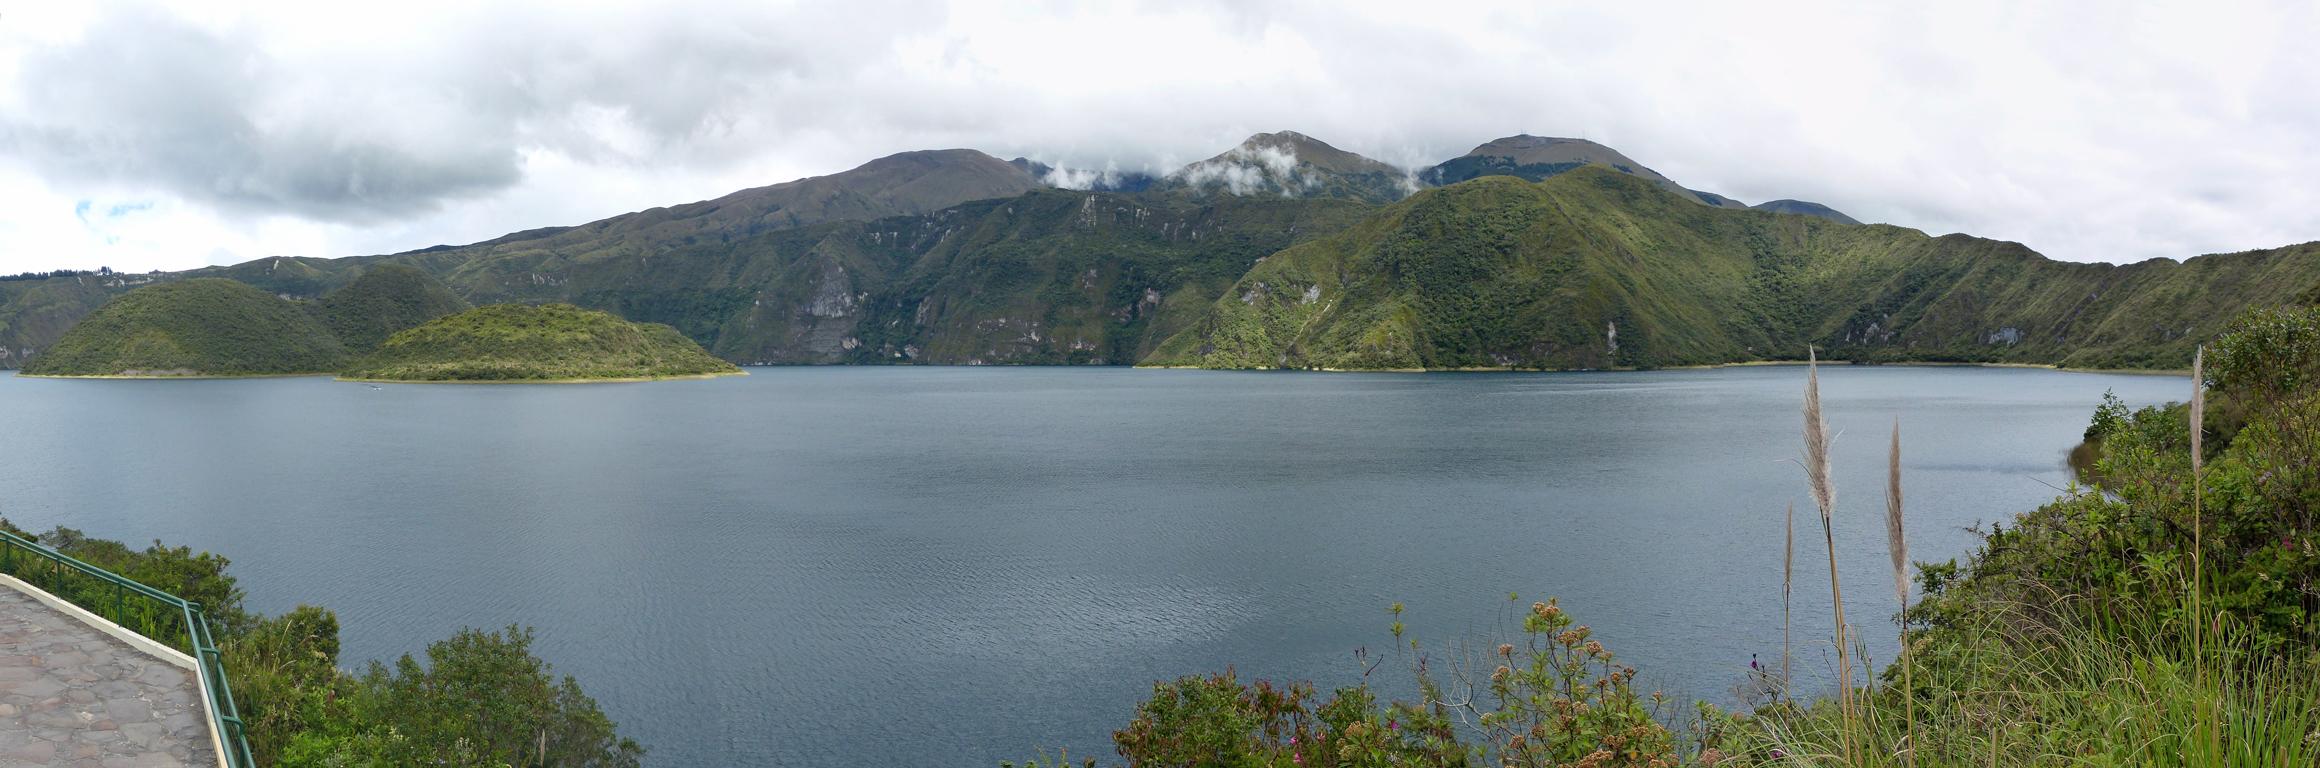 Cuicocha-Lagune mit Cotacachi im Hintergrund